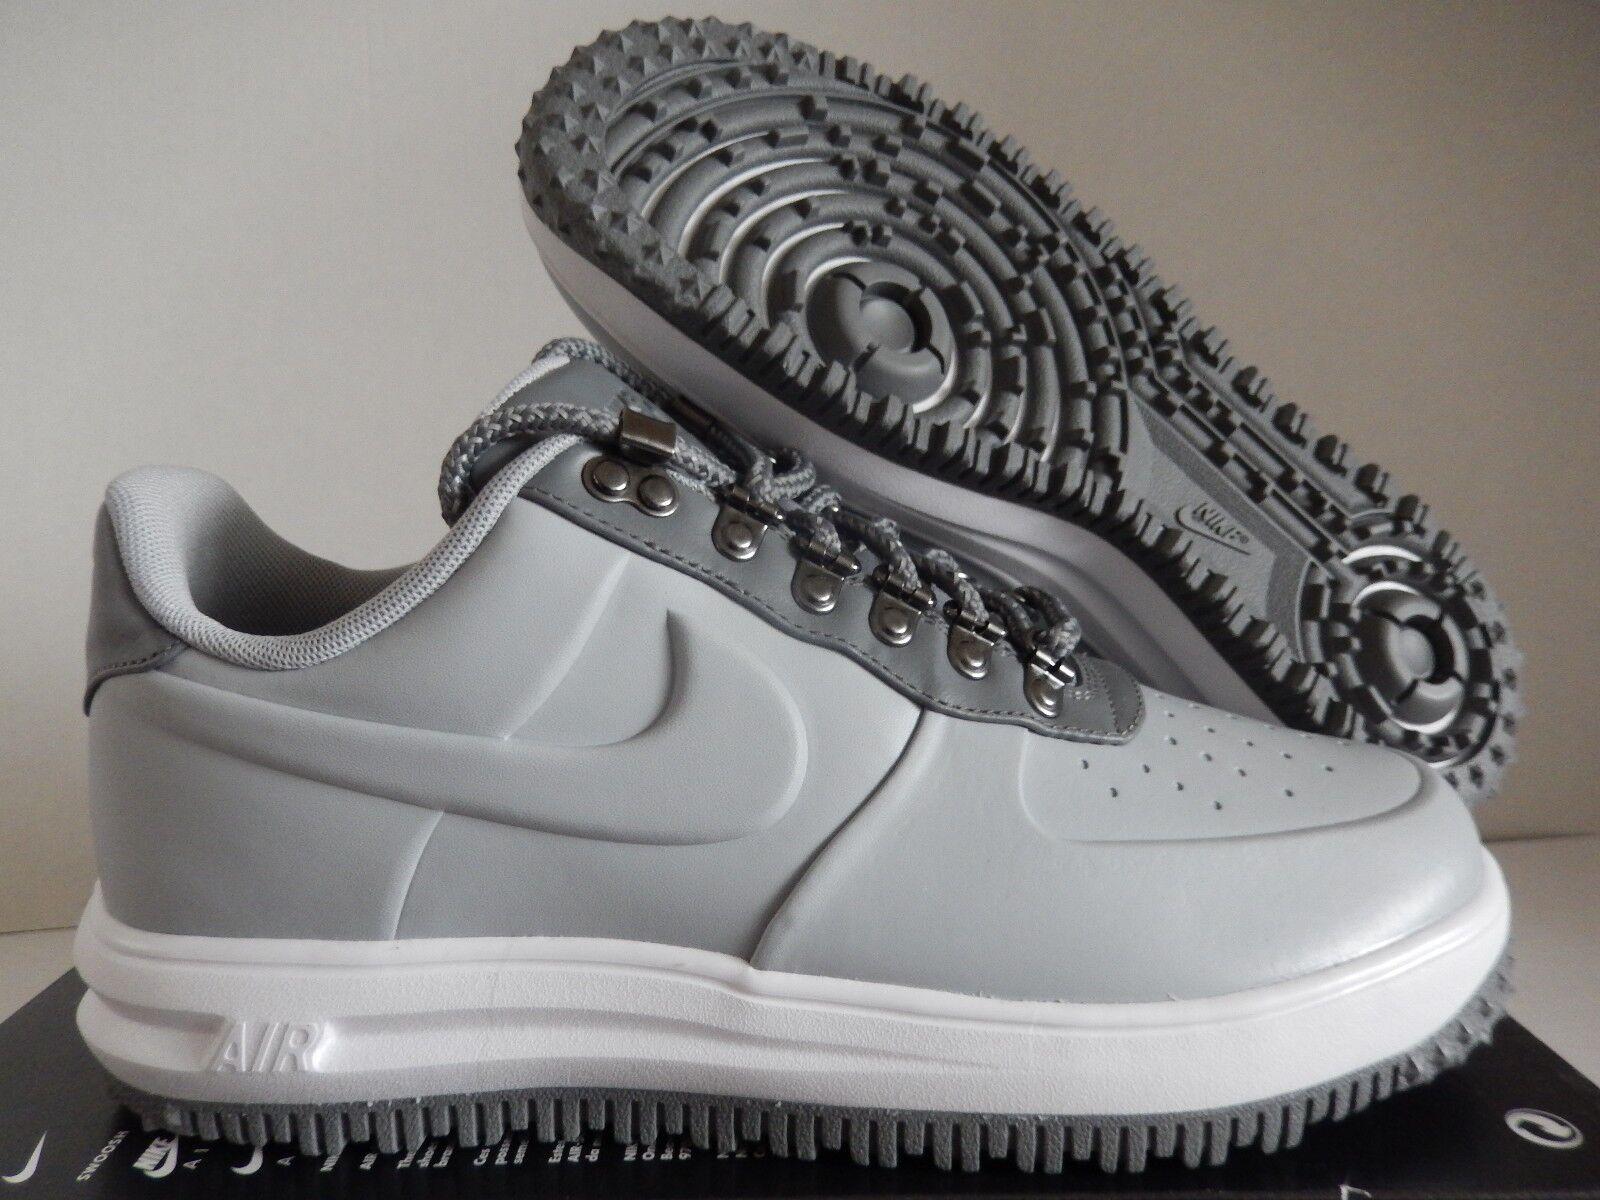 Nike lebron lbj soldato 10 tb promo uomini (dimensioni) oro grigio bianco 856489 701